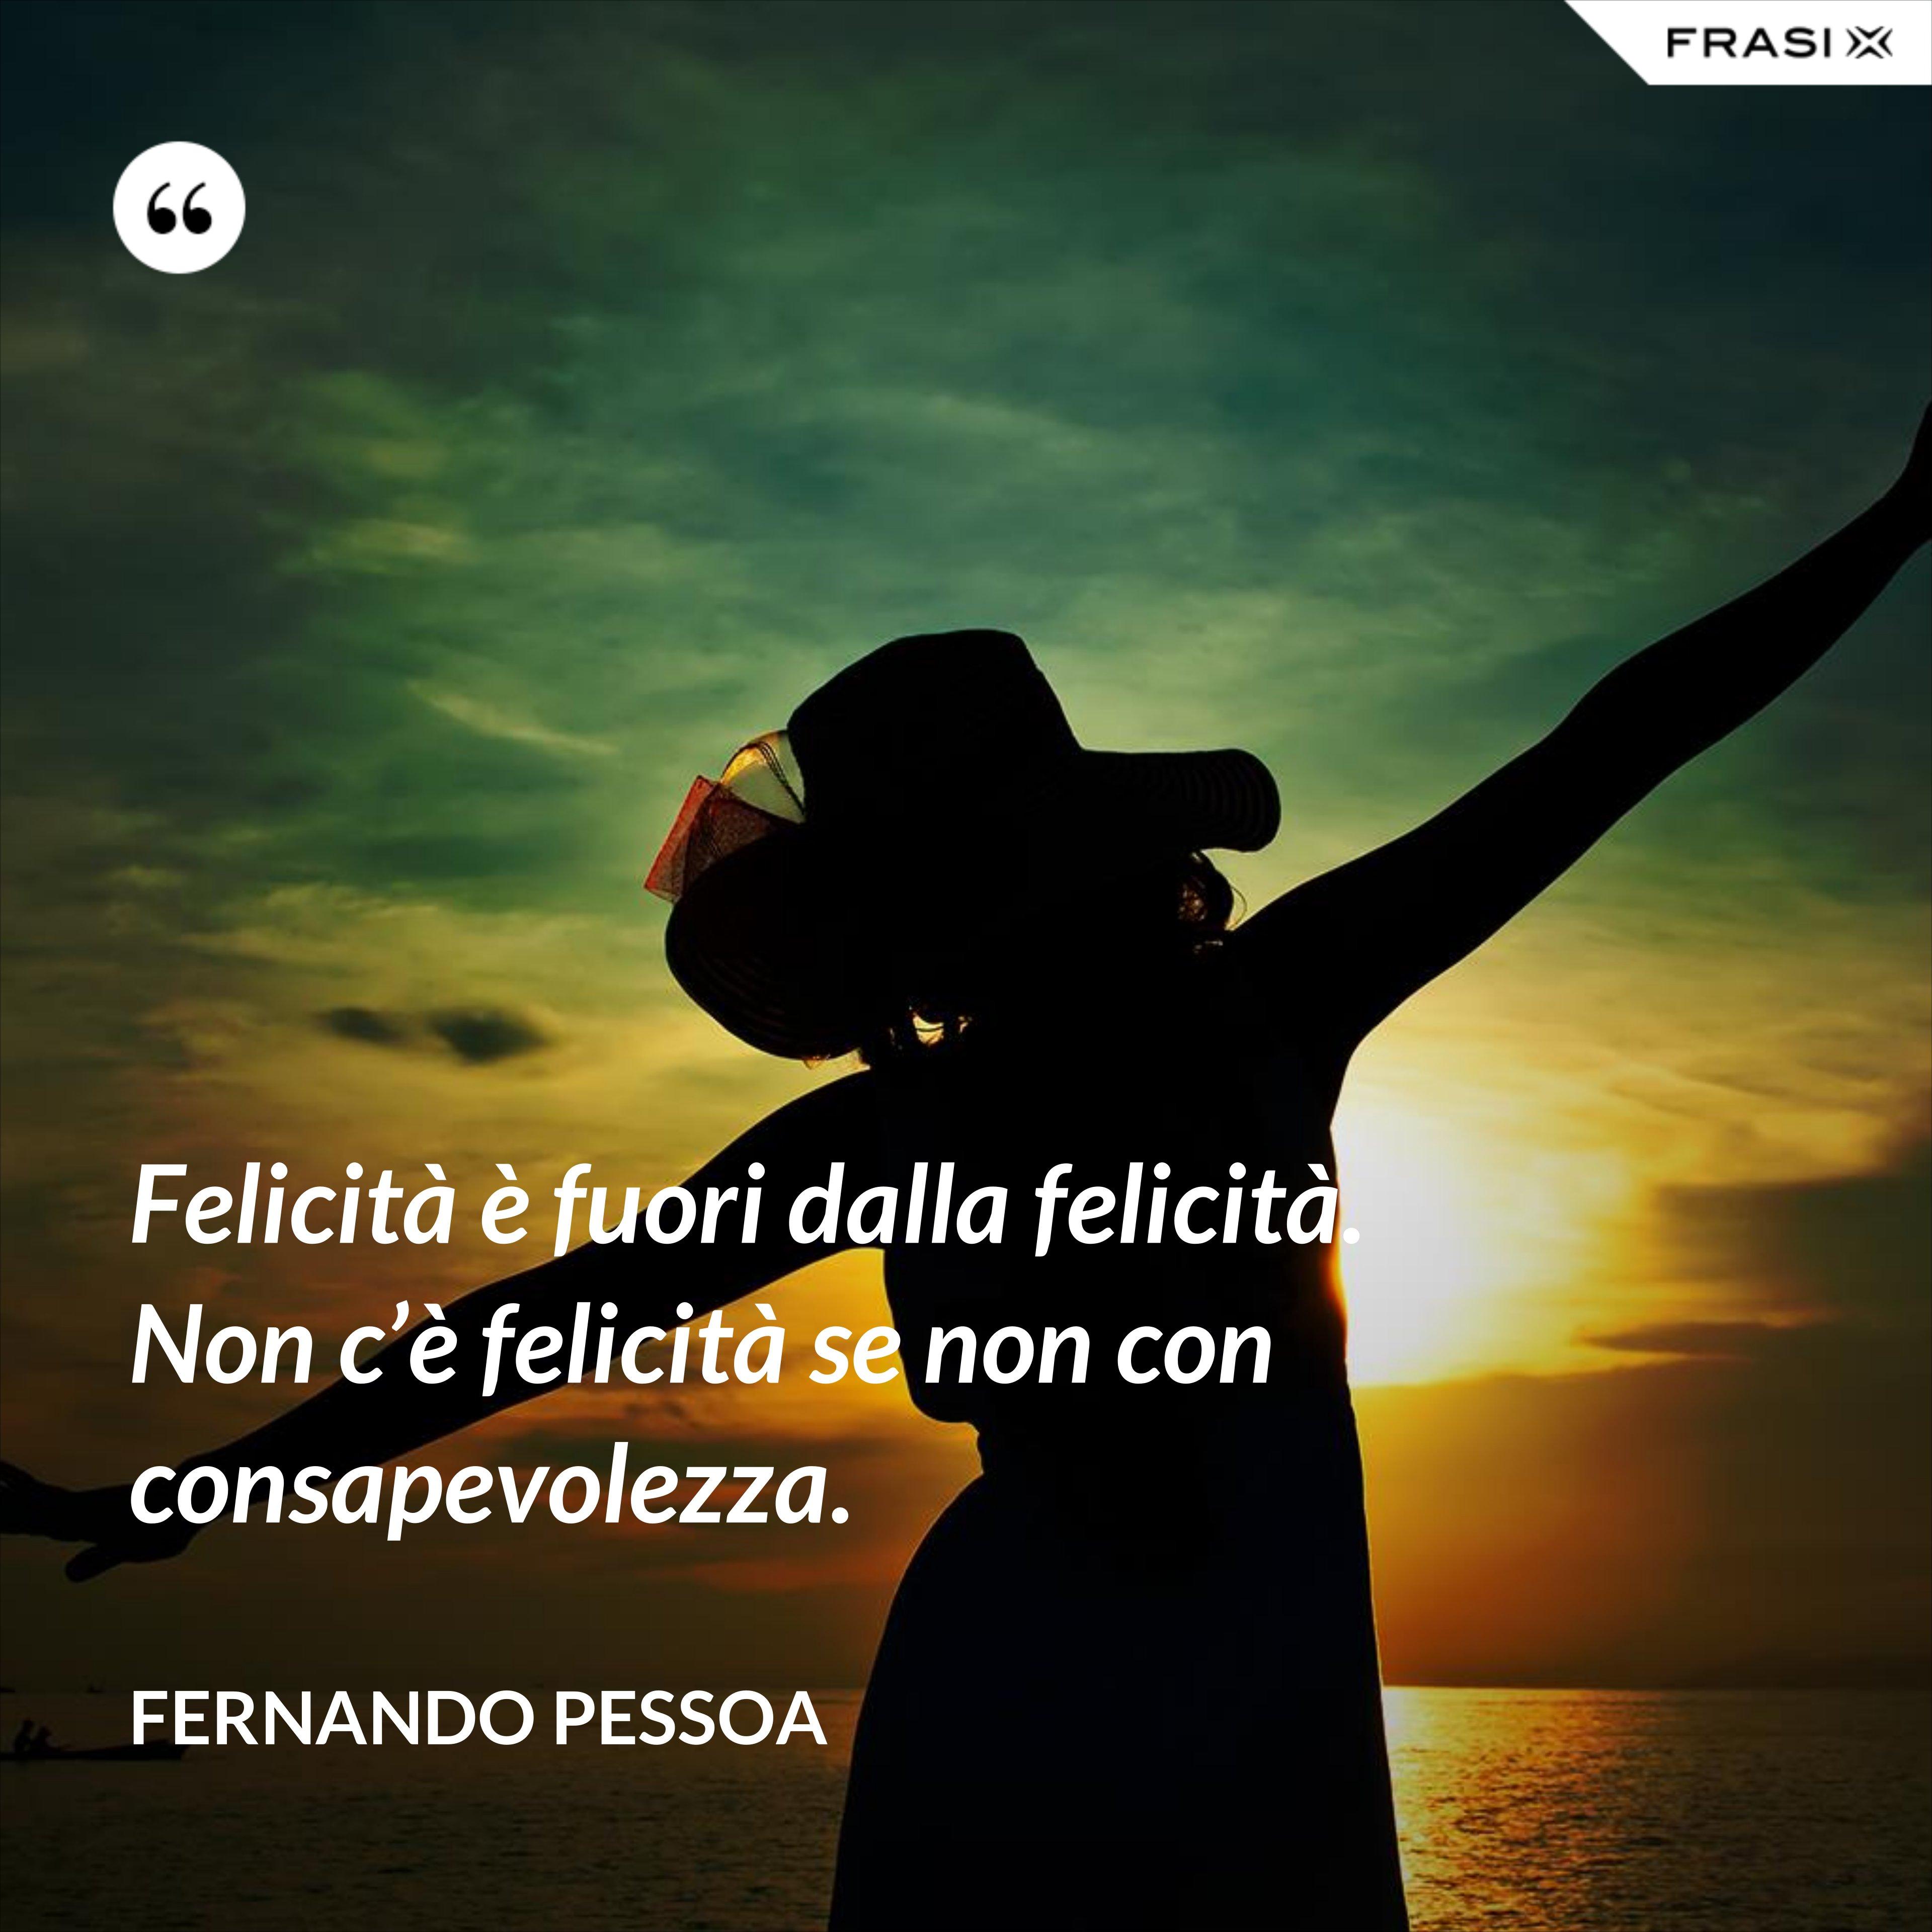 Felicità è fuori dalla felicità. Non c'è felicità se non con consapevolezza. - Fernando Pessoa